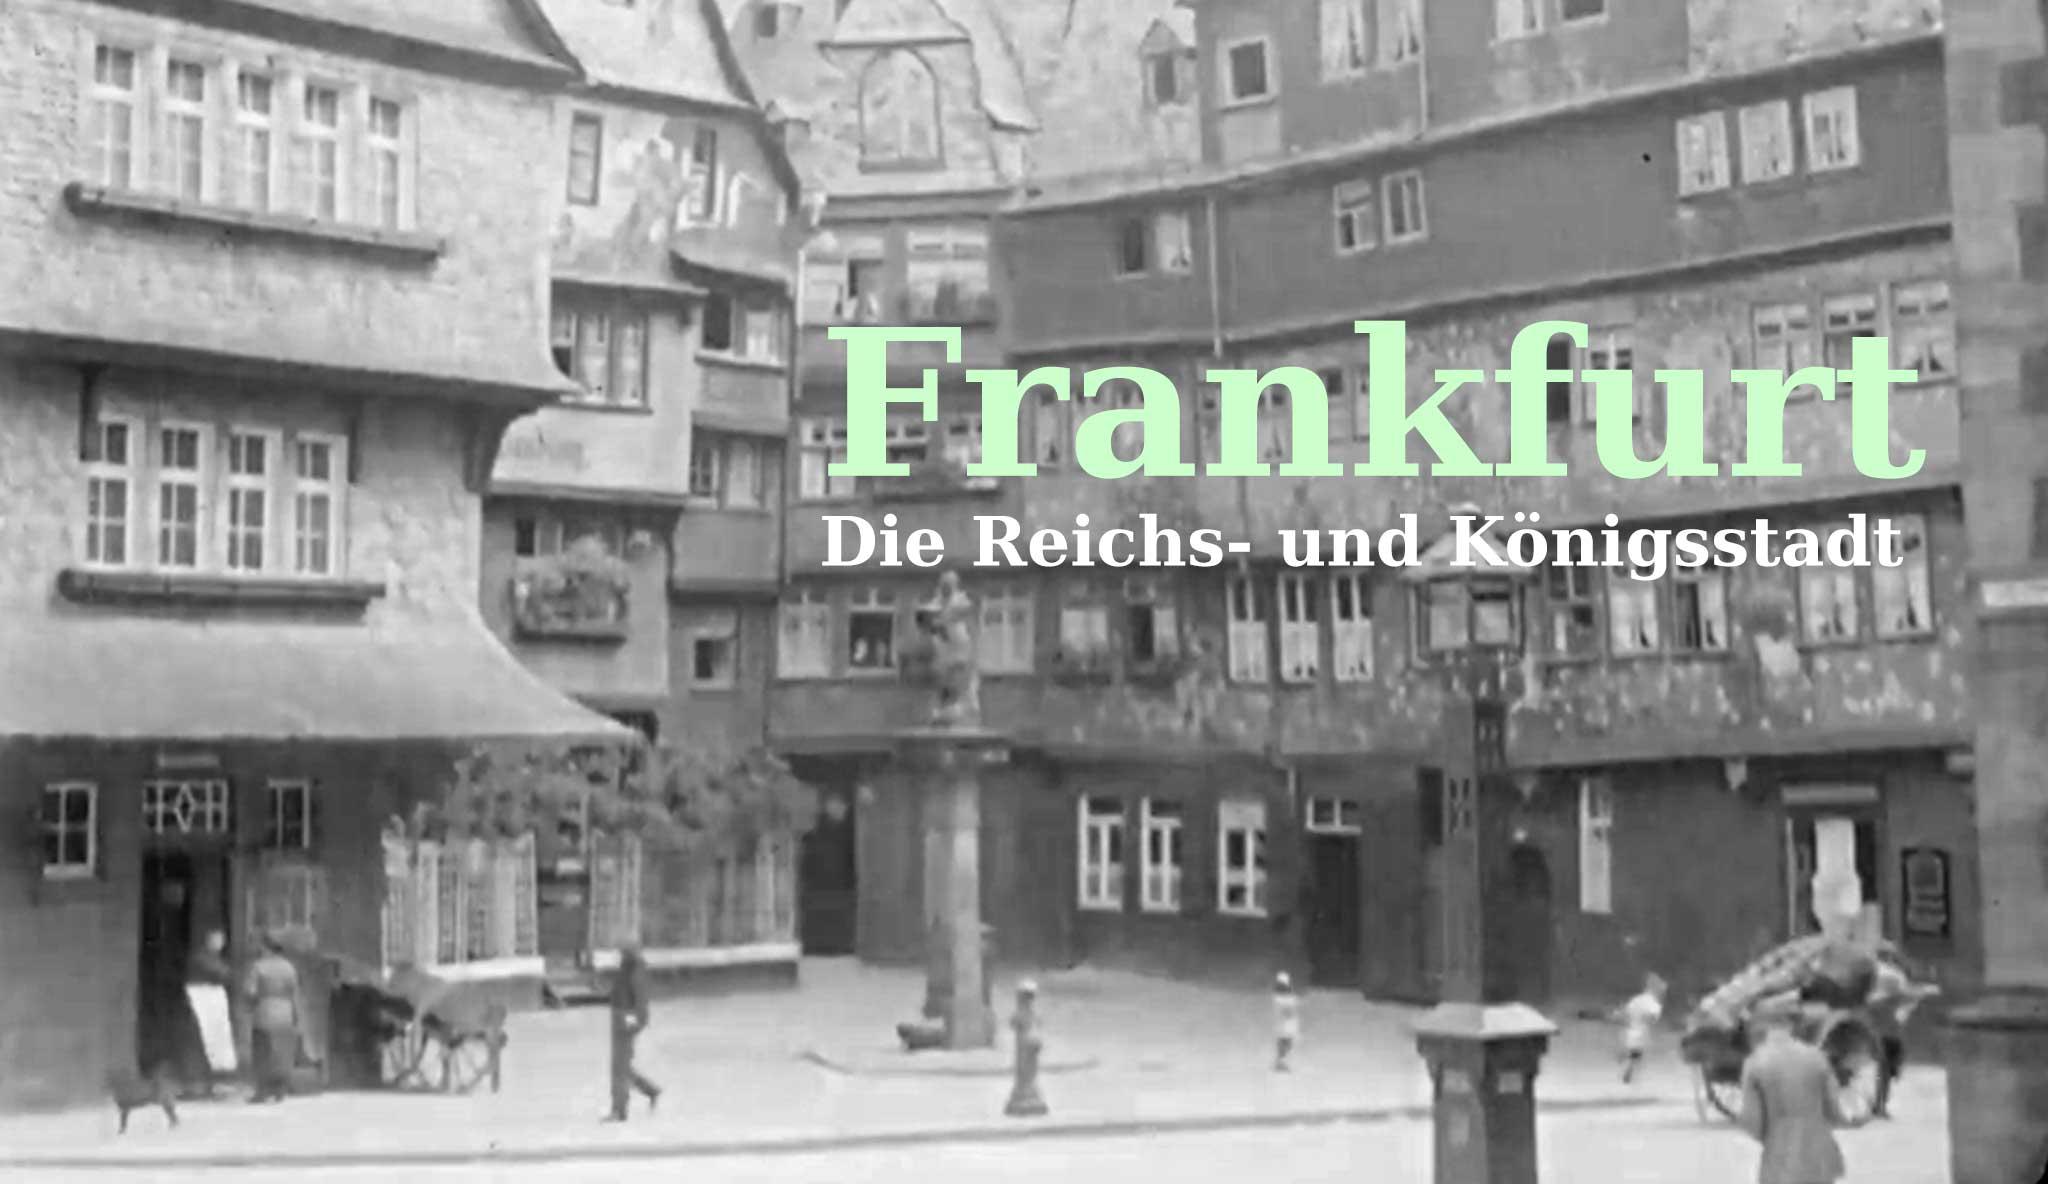 frankfurt-die-reichs-und-konigsstadt\header.jpg